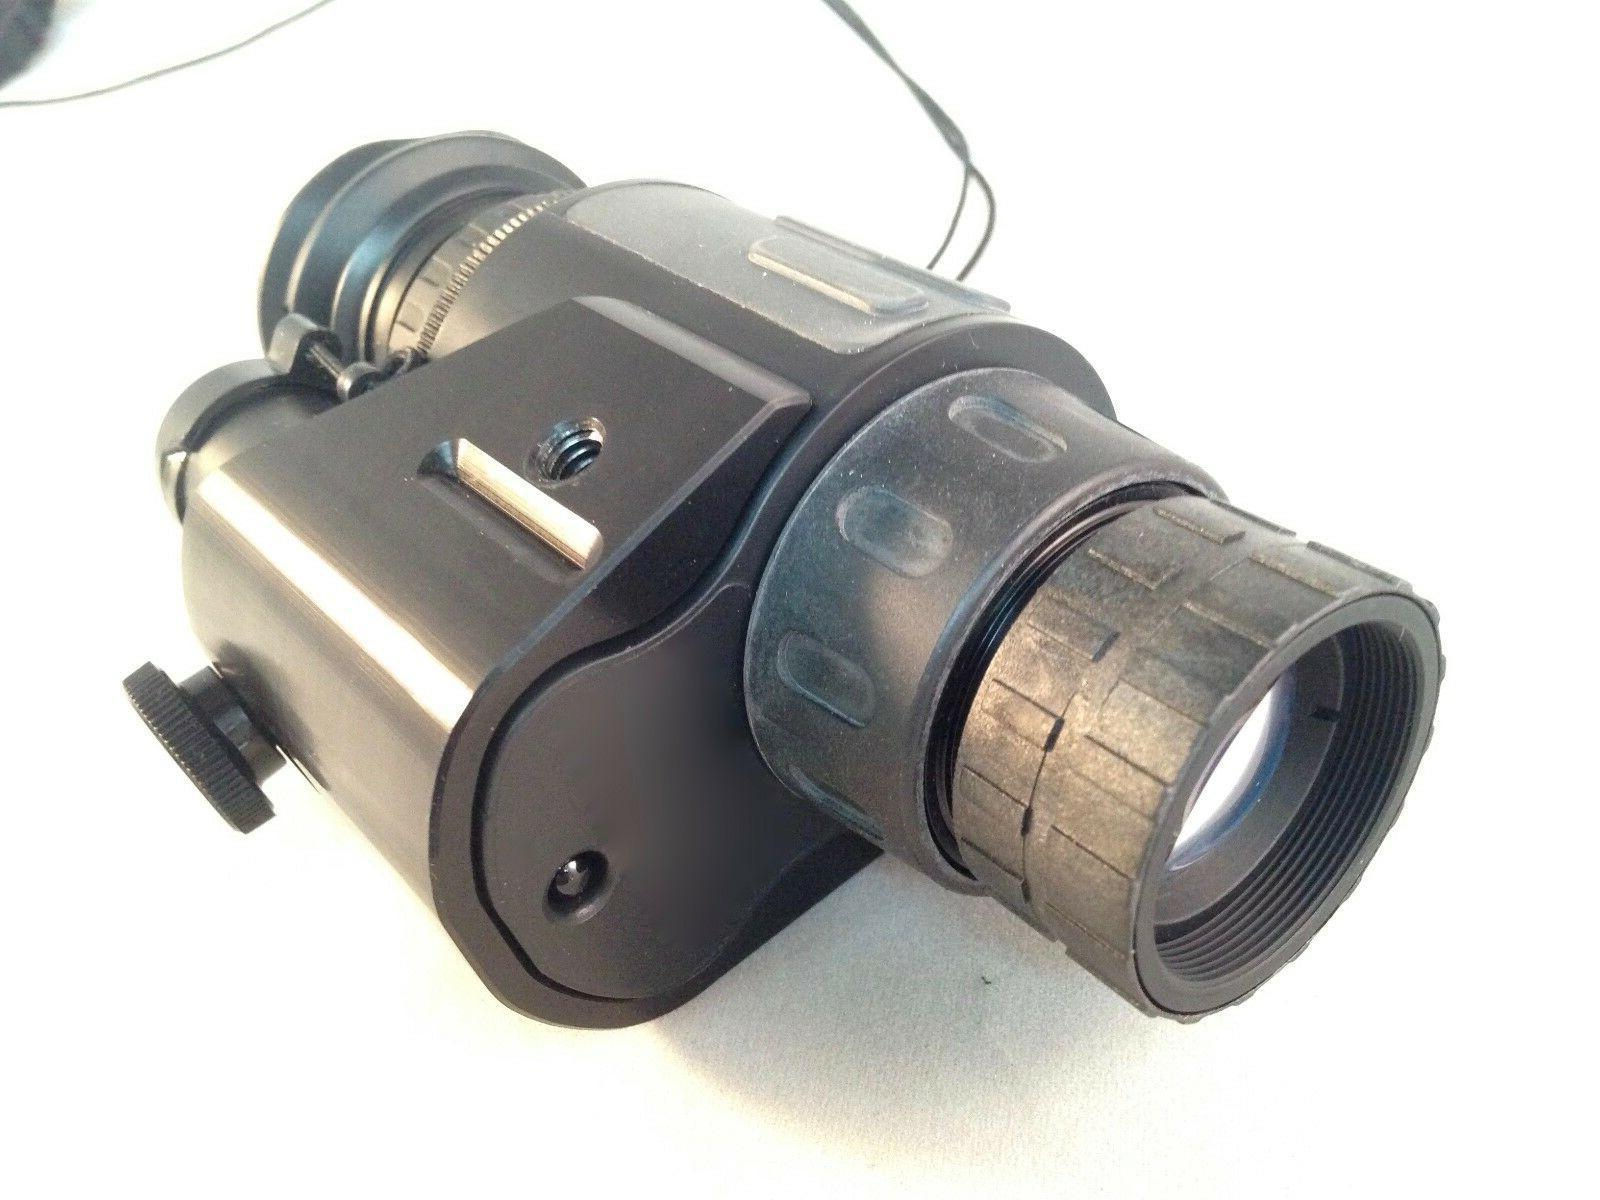 ENVIS Mount Night PVS-14 gear